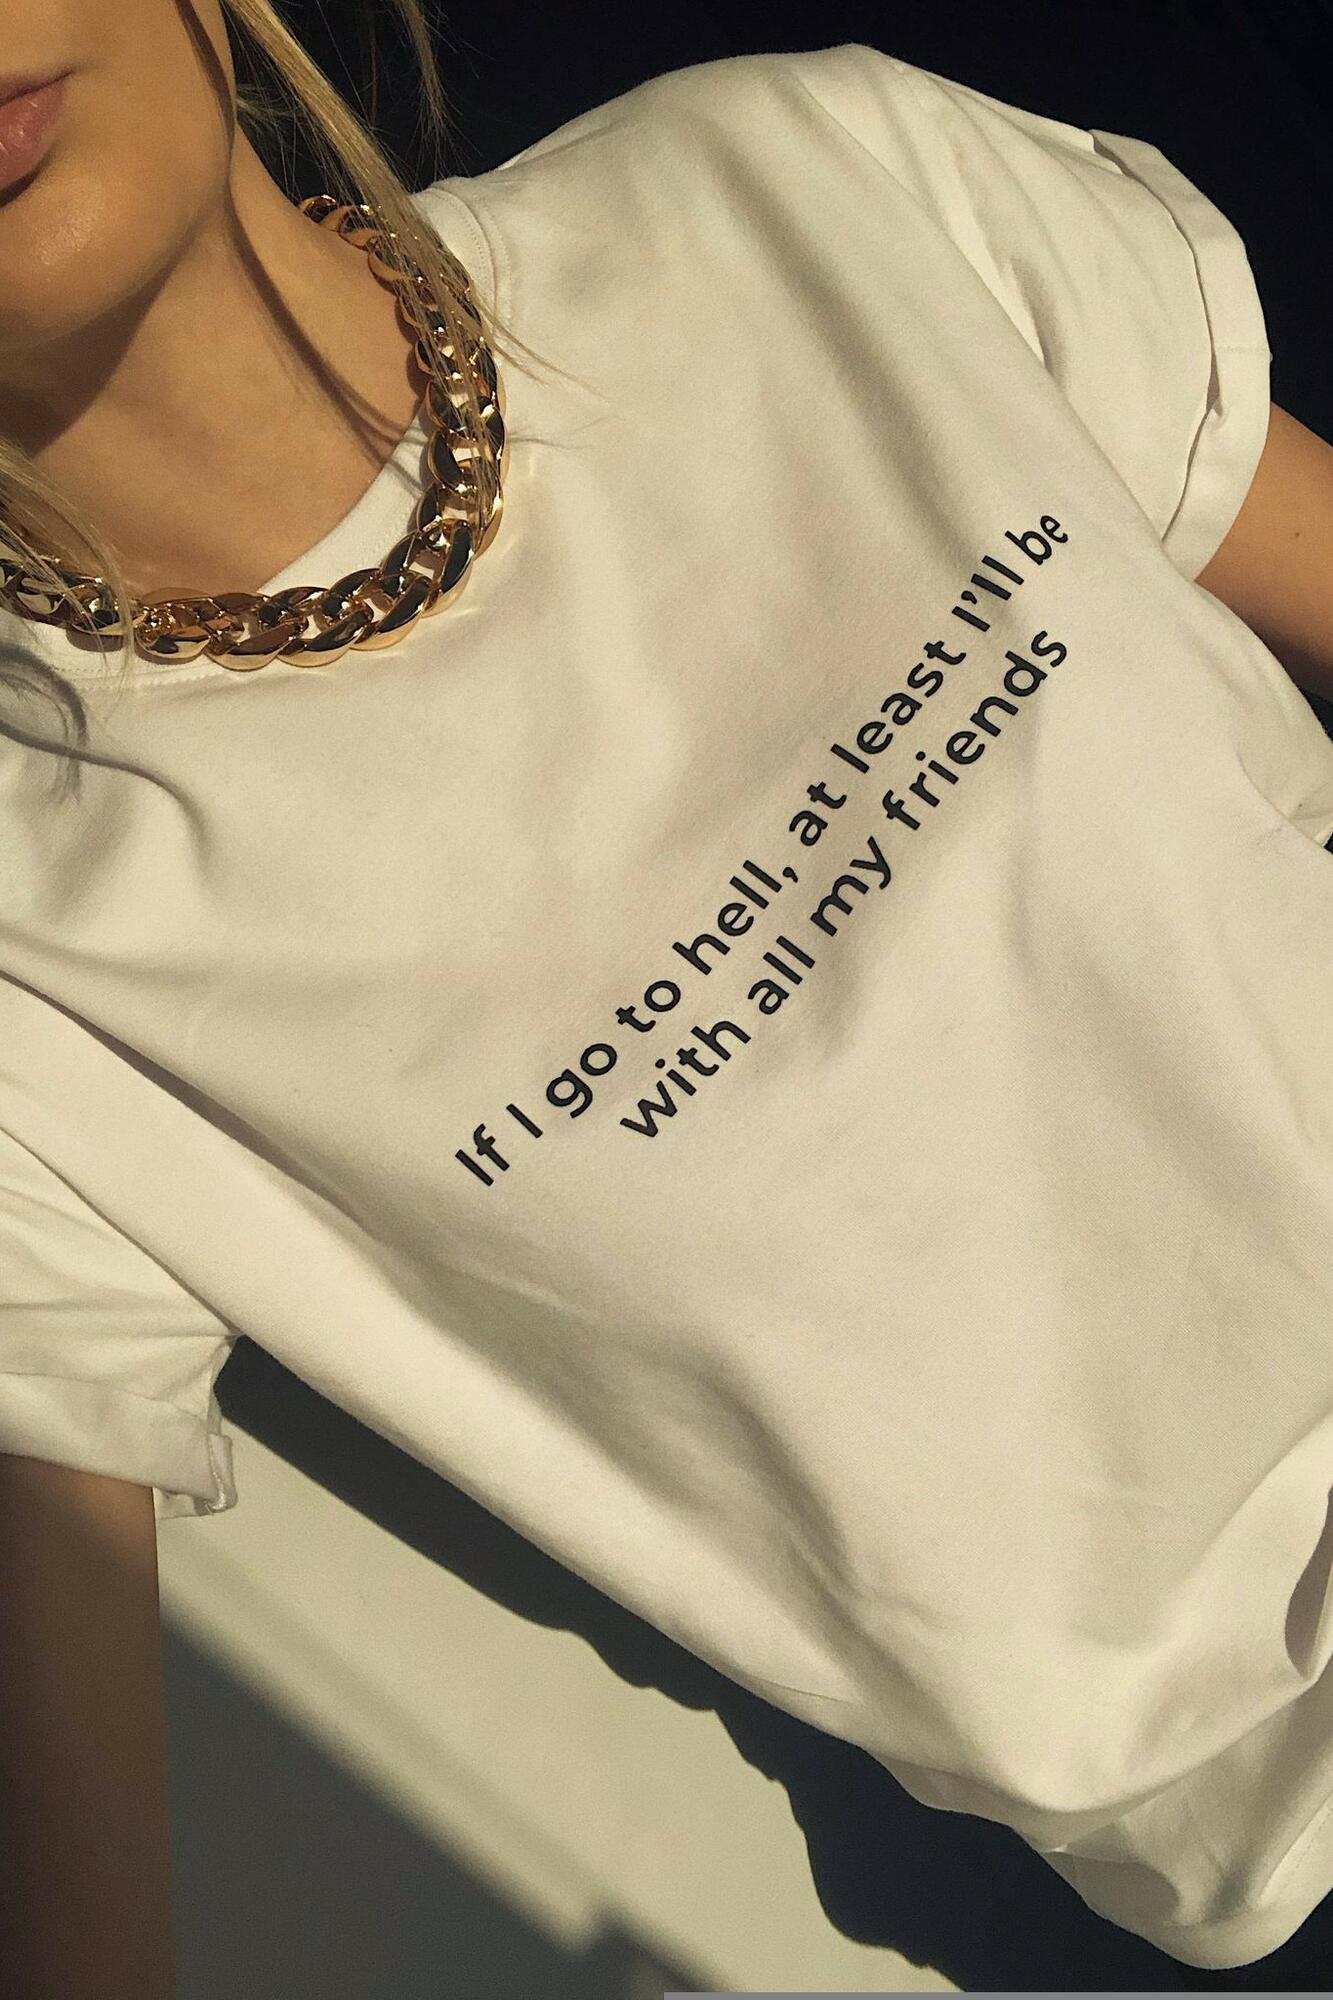 Biała koszulka z nadrukiem Friends T-shirt - whysoserious   JestemSlow.pl